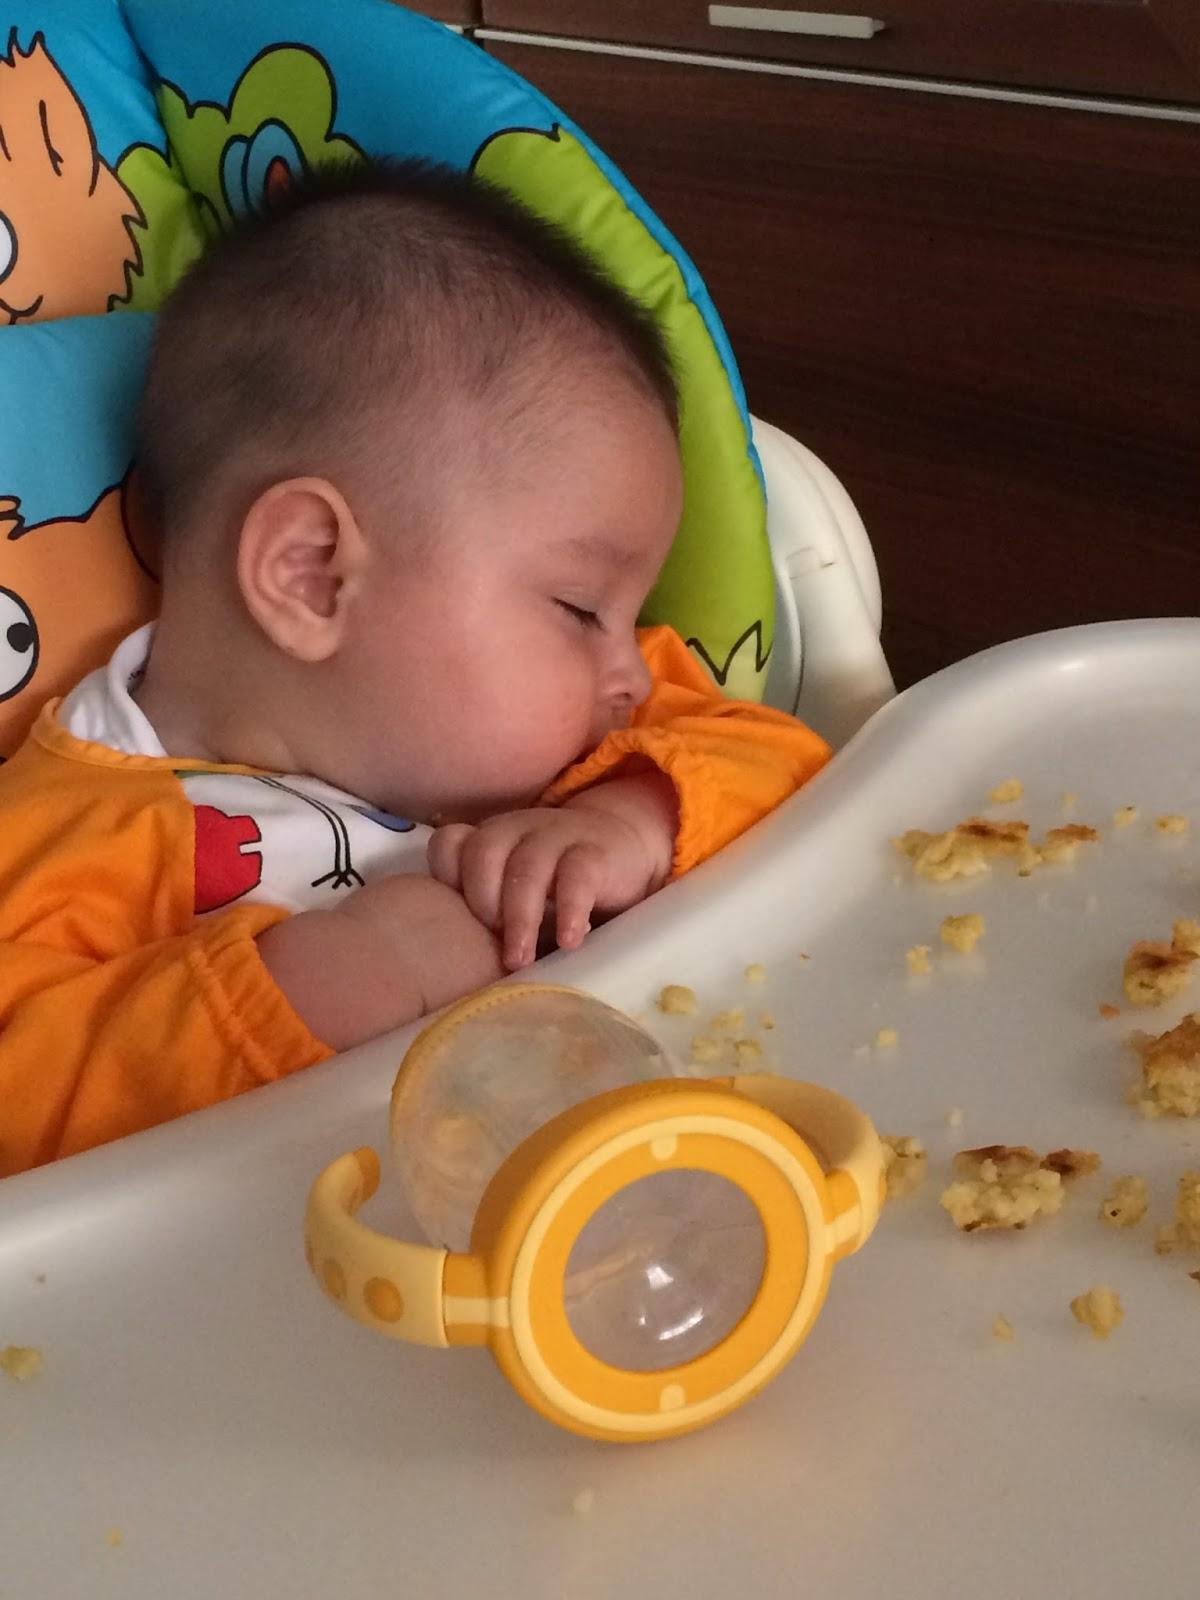 mi bebe de 6 meses come muy poco